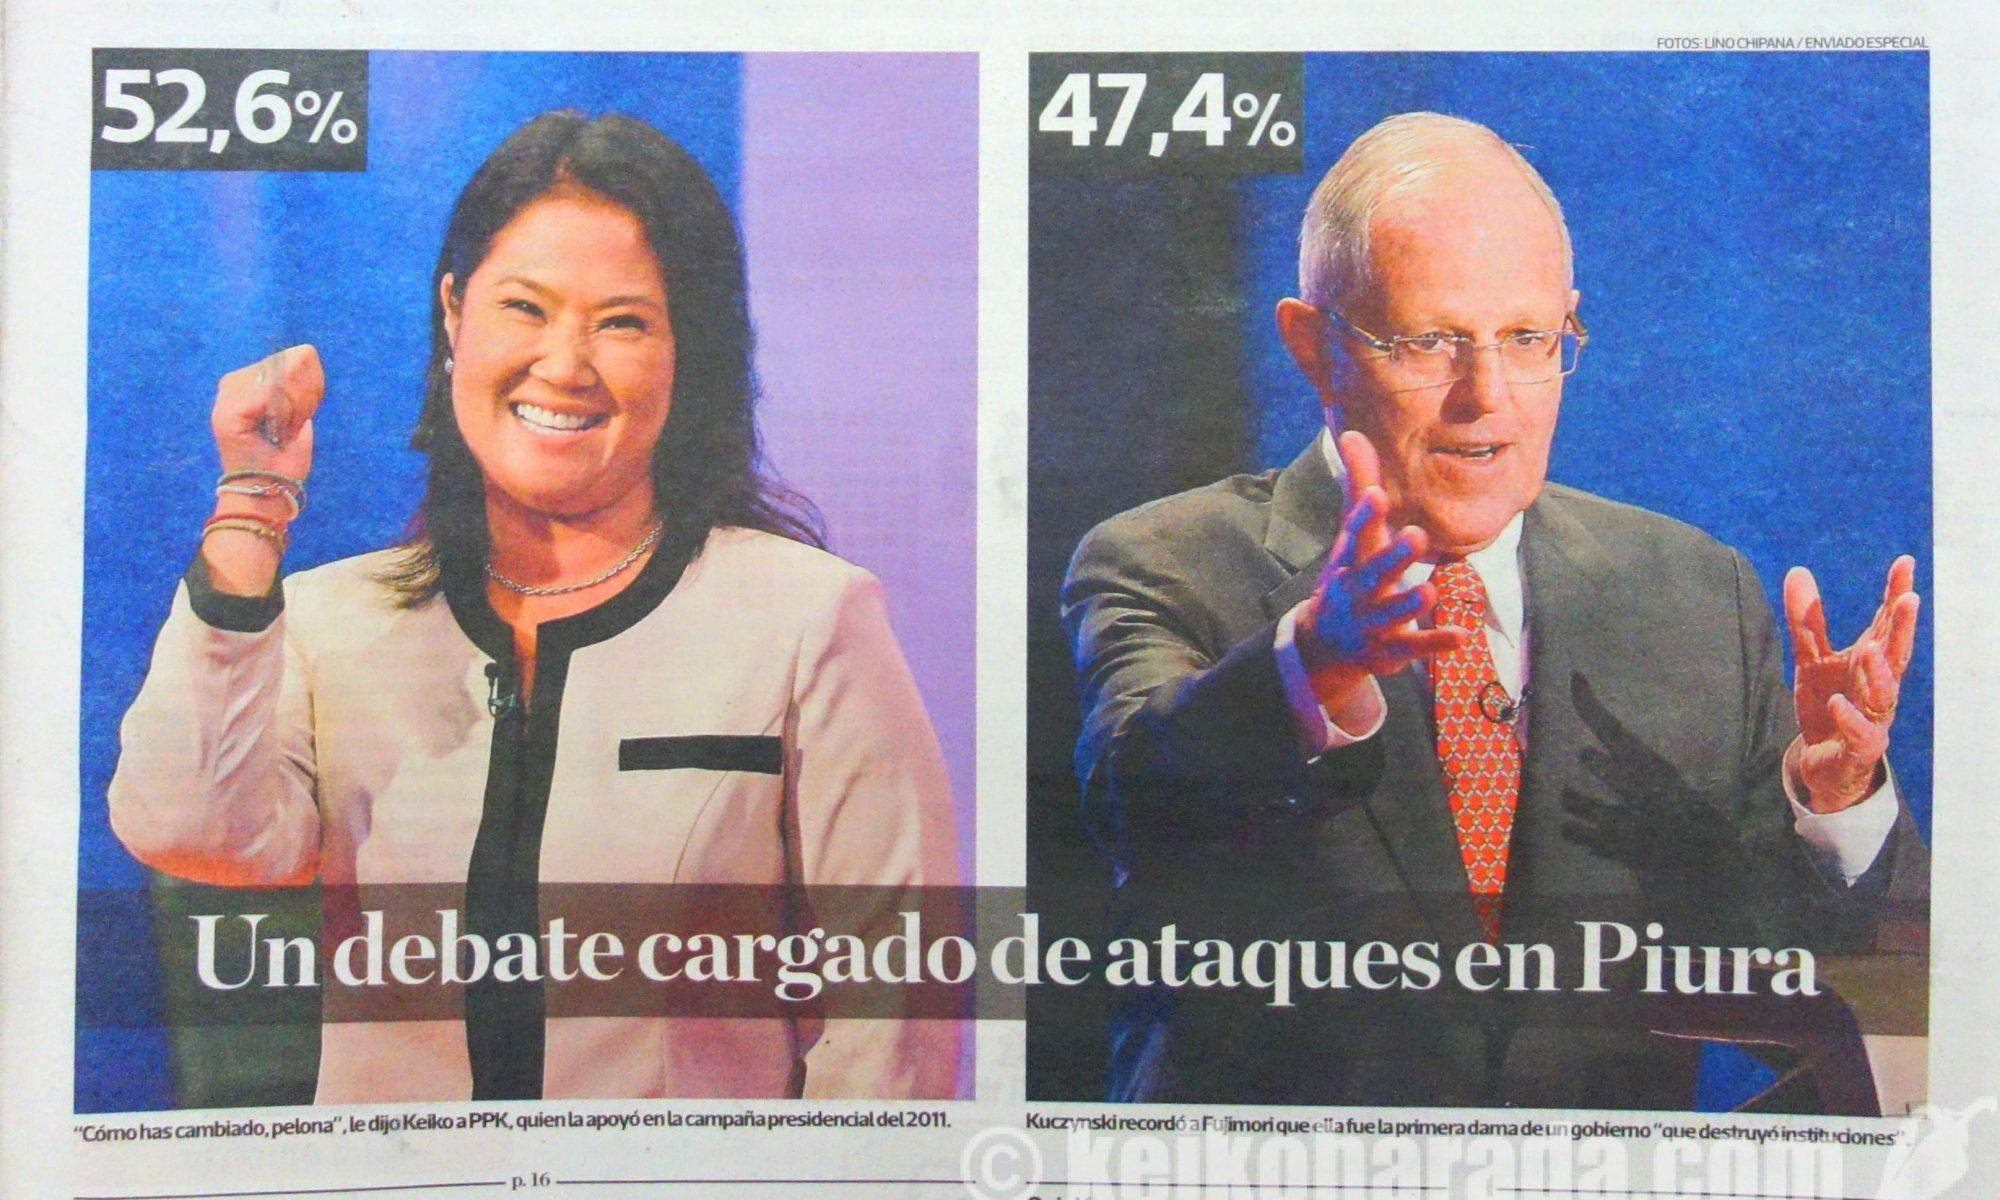 2016年5月22日大統領選挙討論会@Piura